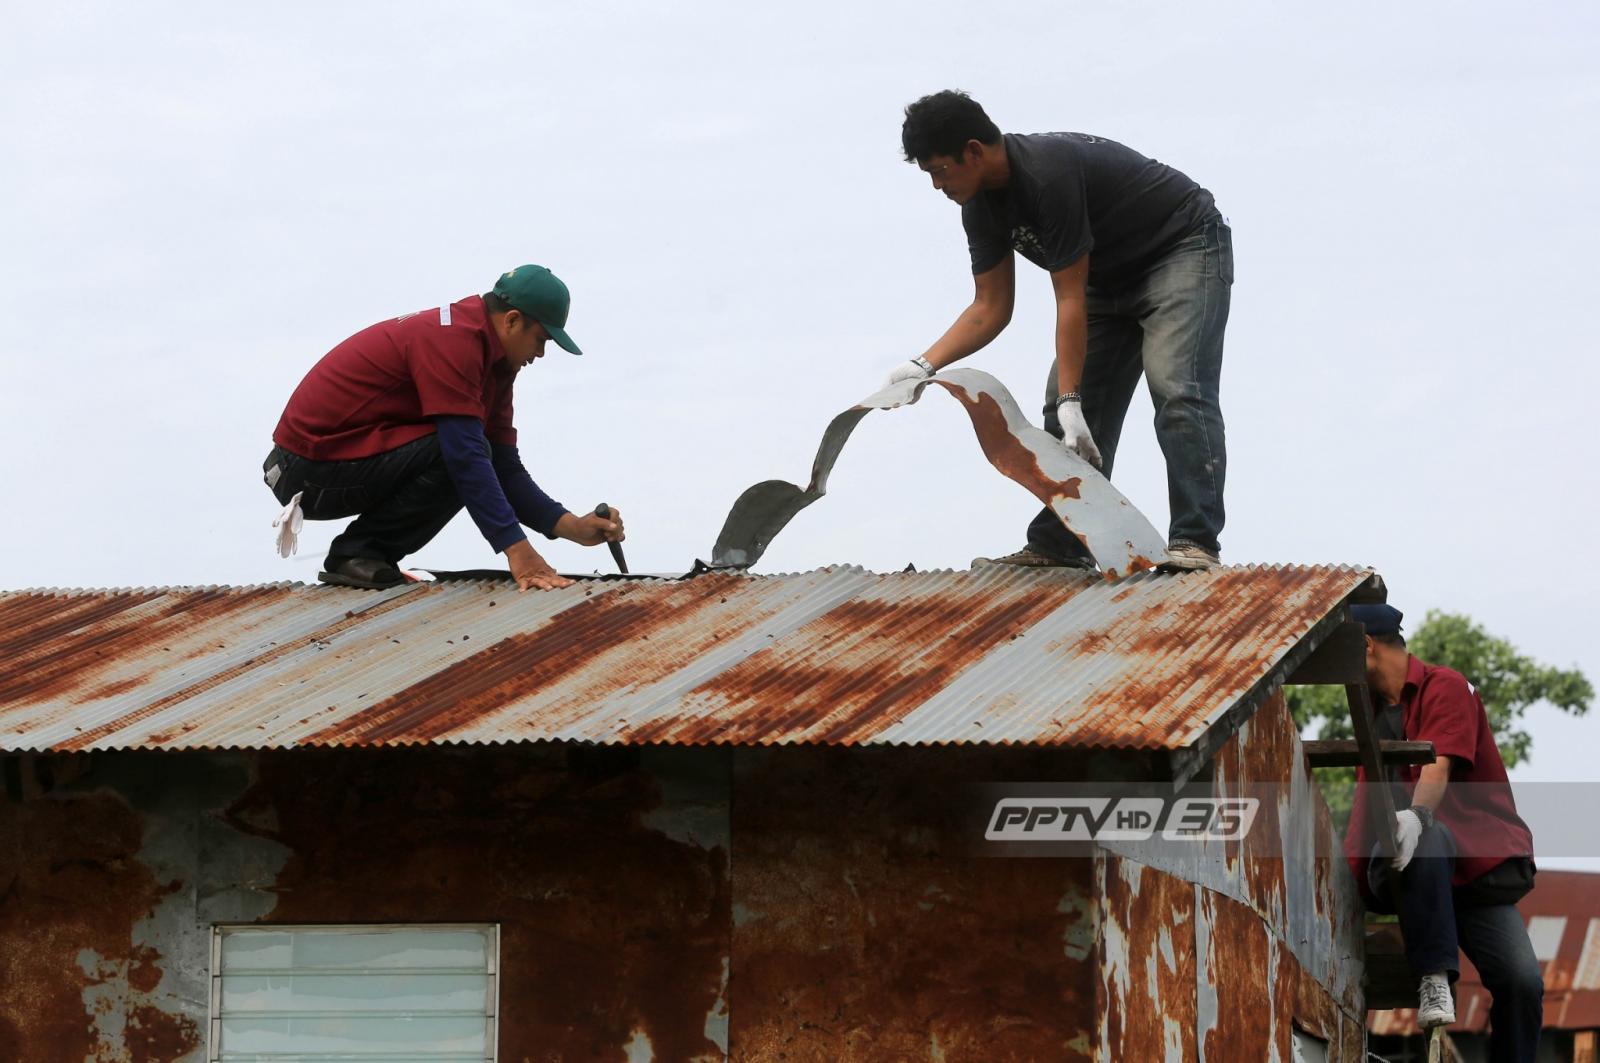 กทม.พัฒนาริมฝั่งแม่น้ำเจ้าพระยา เข้ารื้อชุมชนเขียวไข่กา 20 หลัง